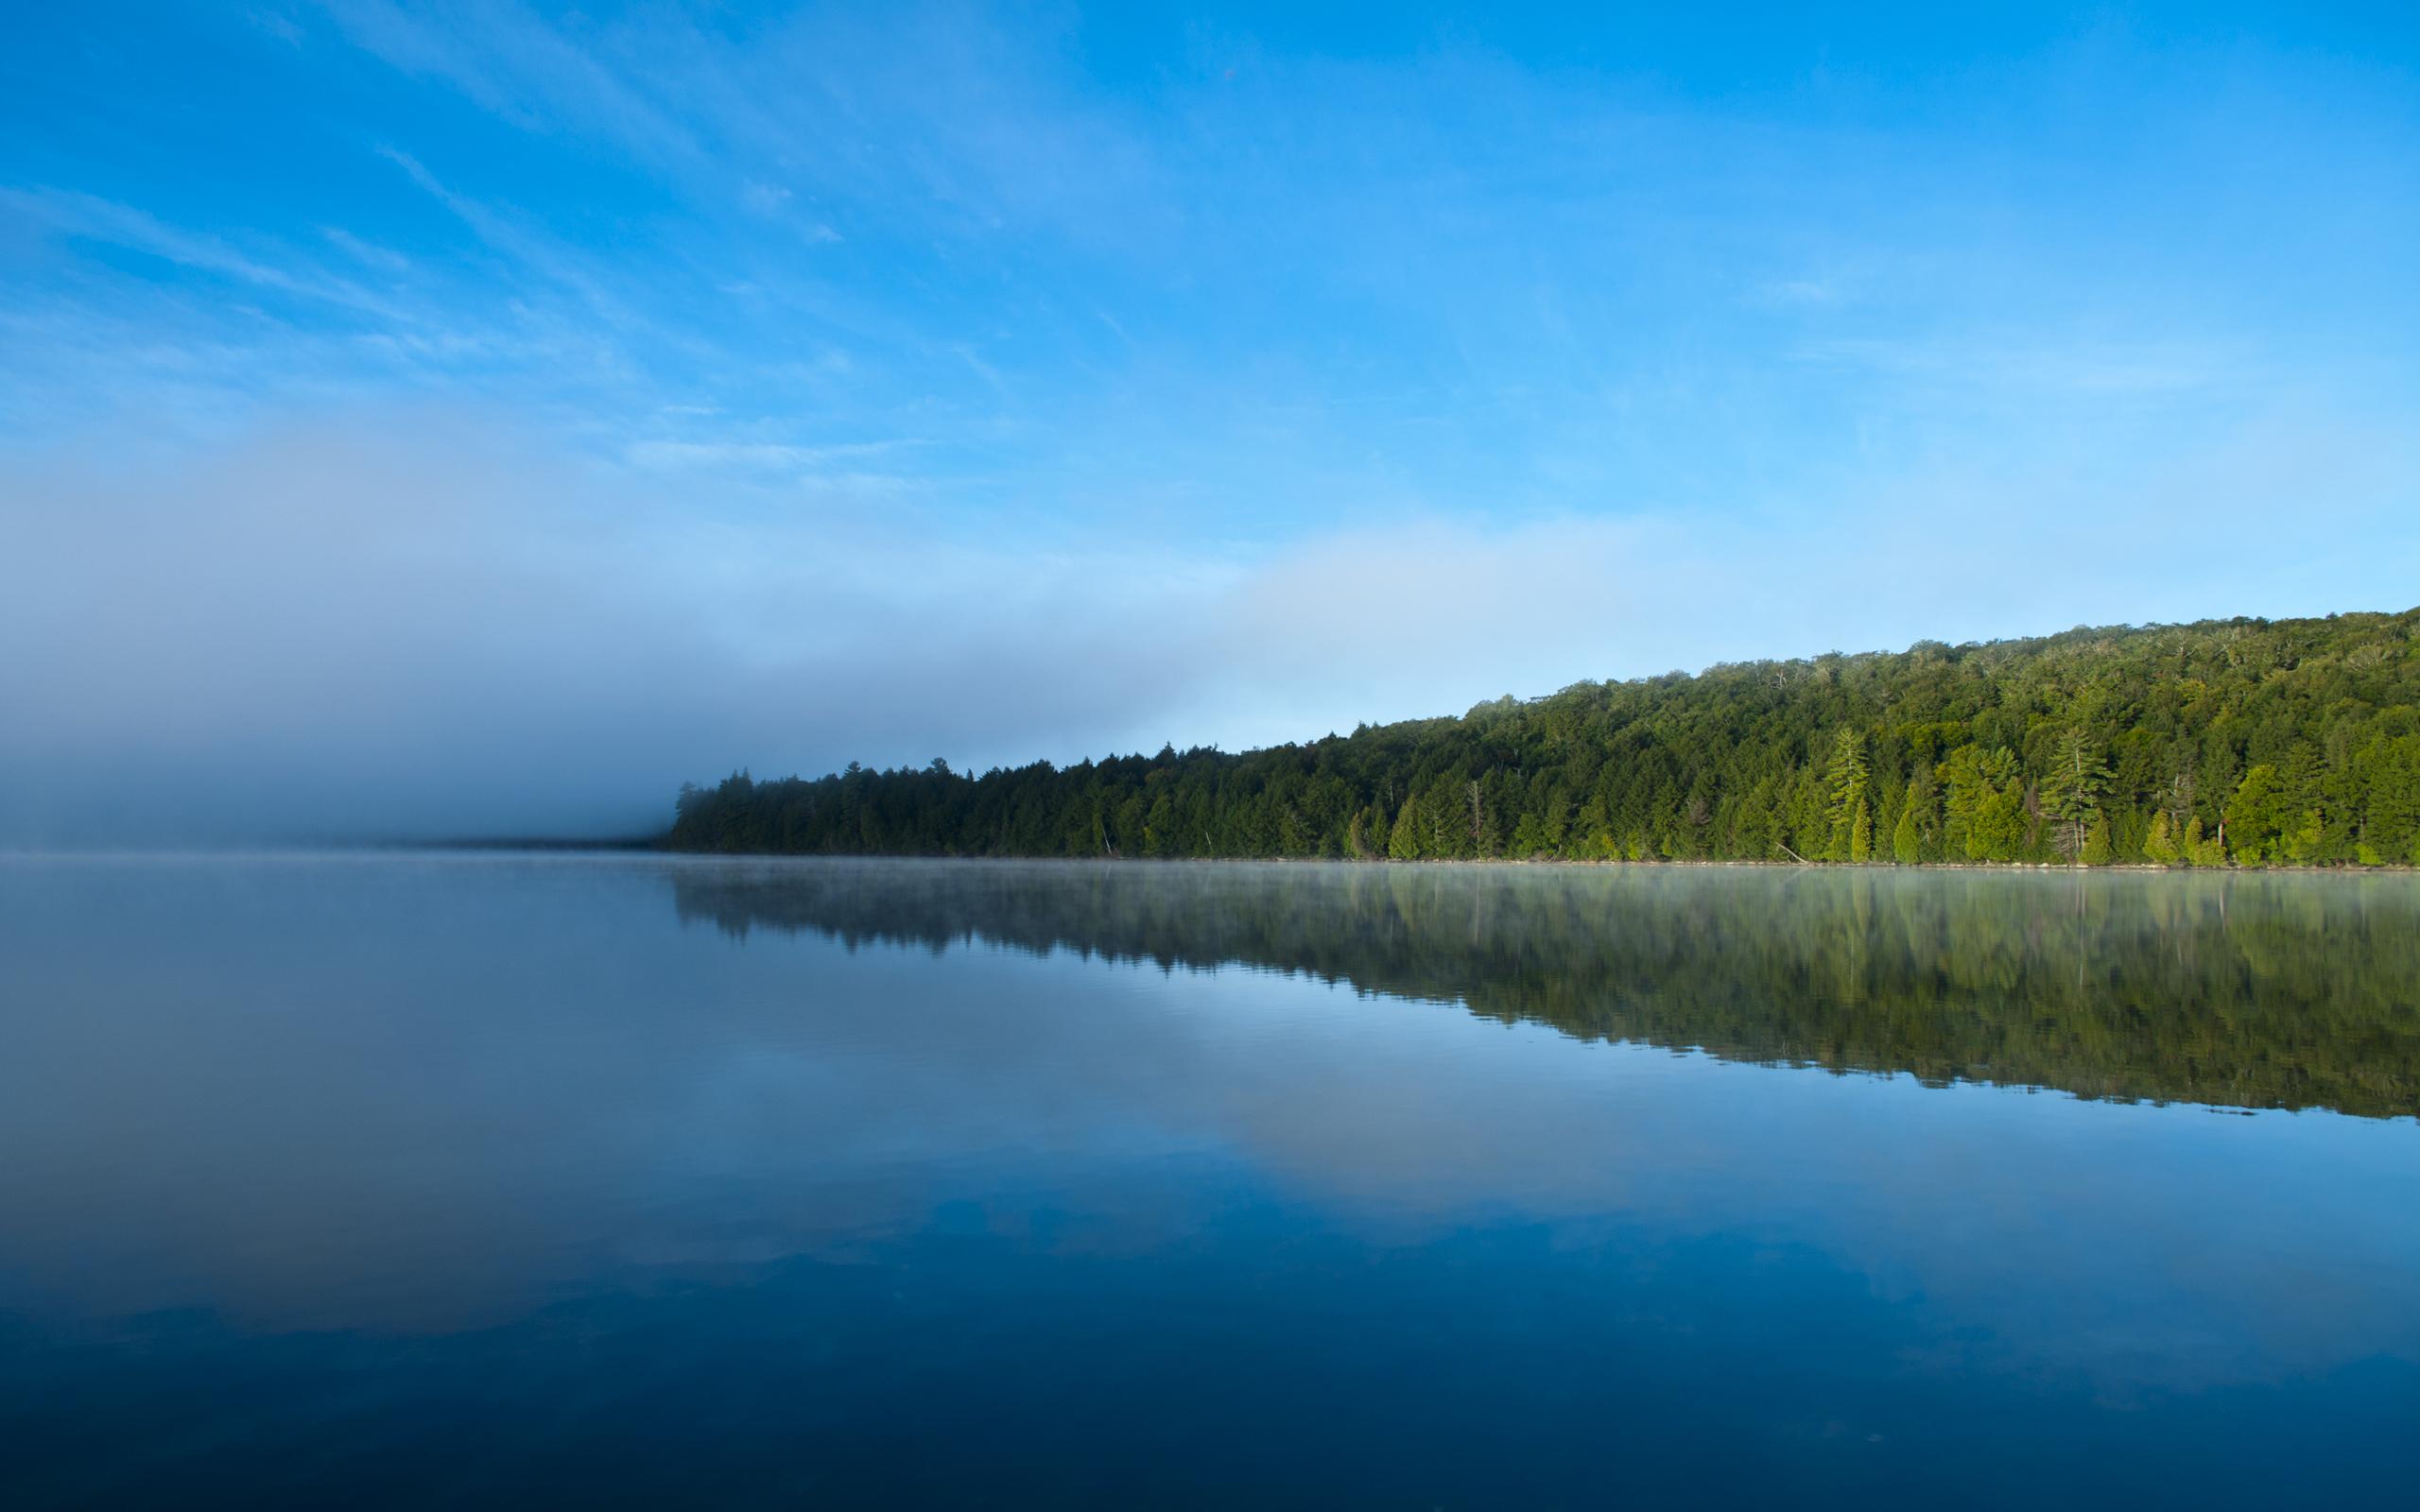 Lago en la Selva - 2560x1600